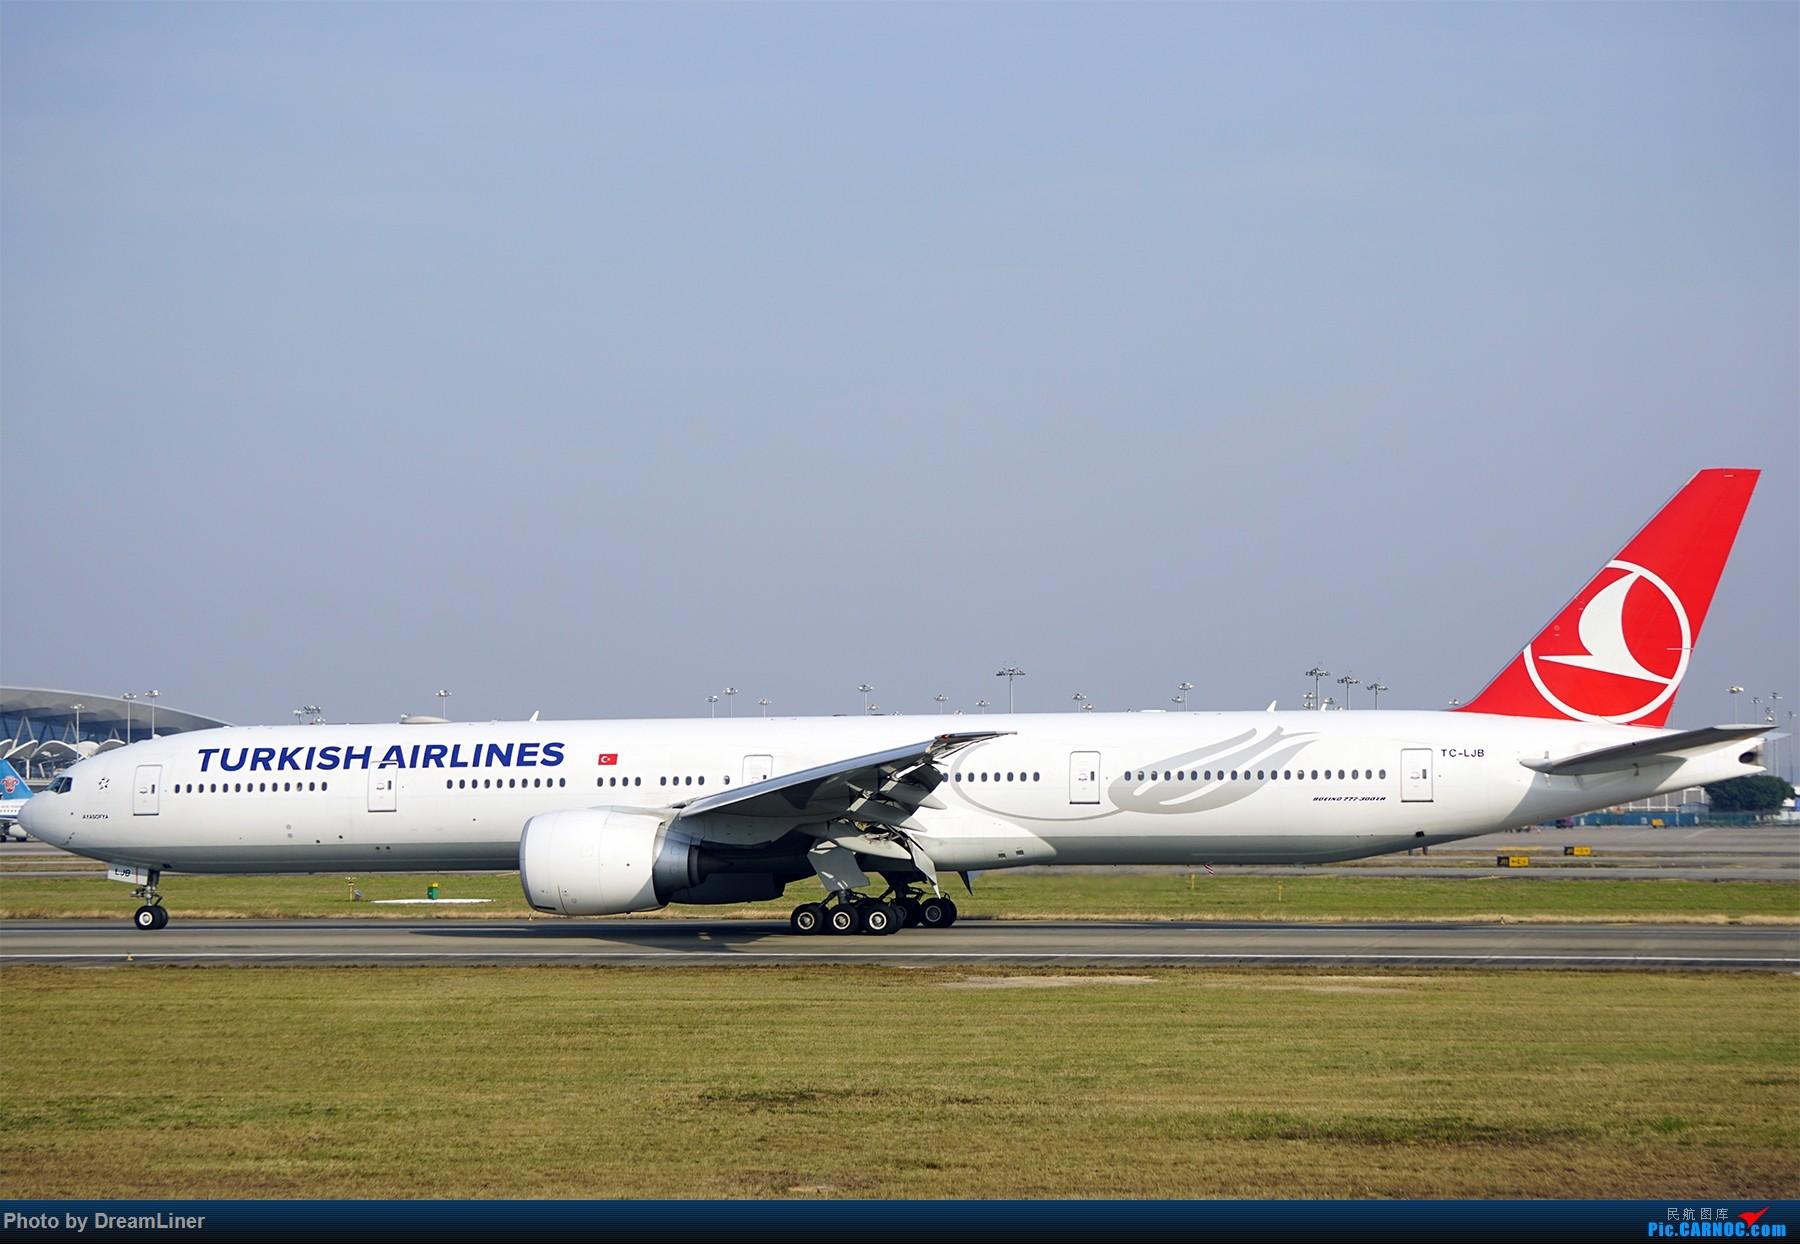 Re:[原创]17年暑假和今年寒假的ZGGG拍机成果 BOEING 777-300ER TC-LJB 中国广州白云国际机场